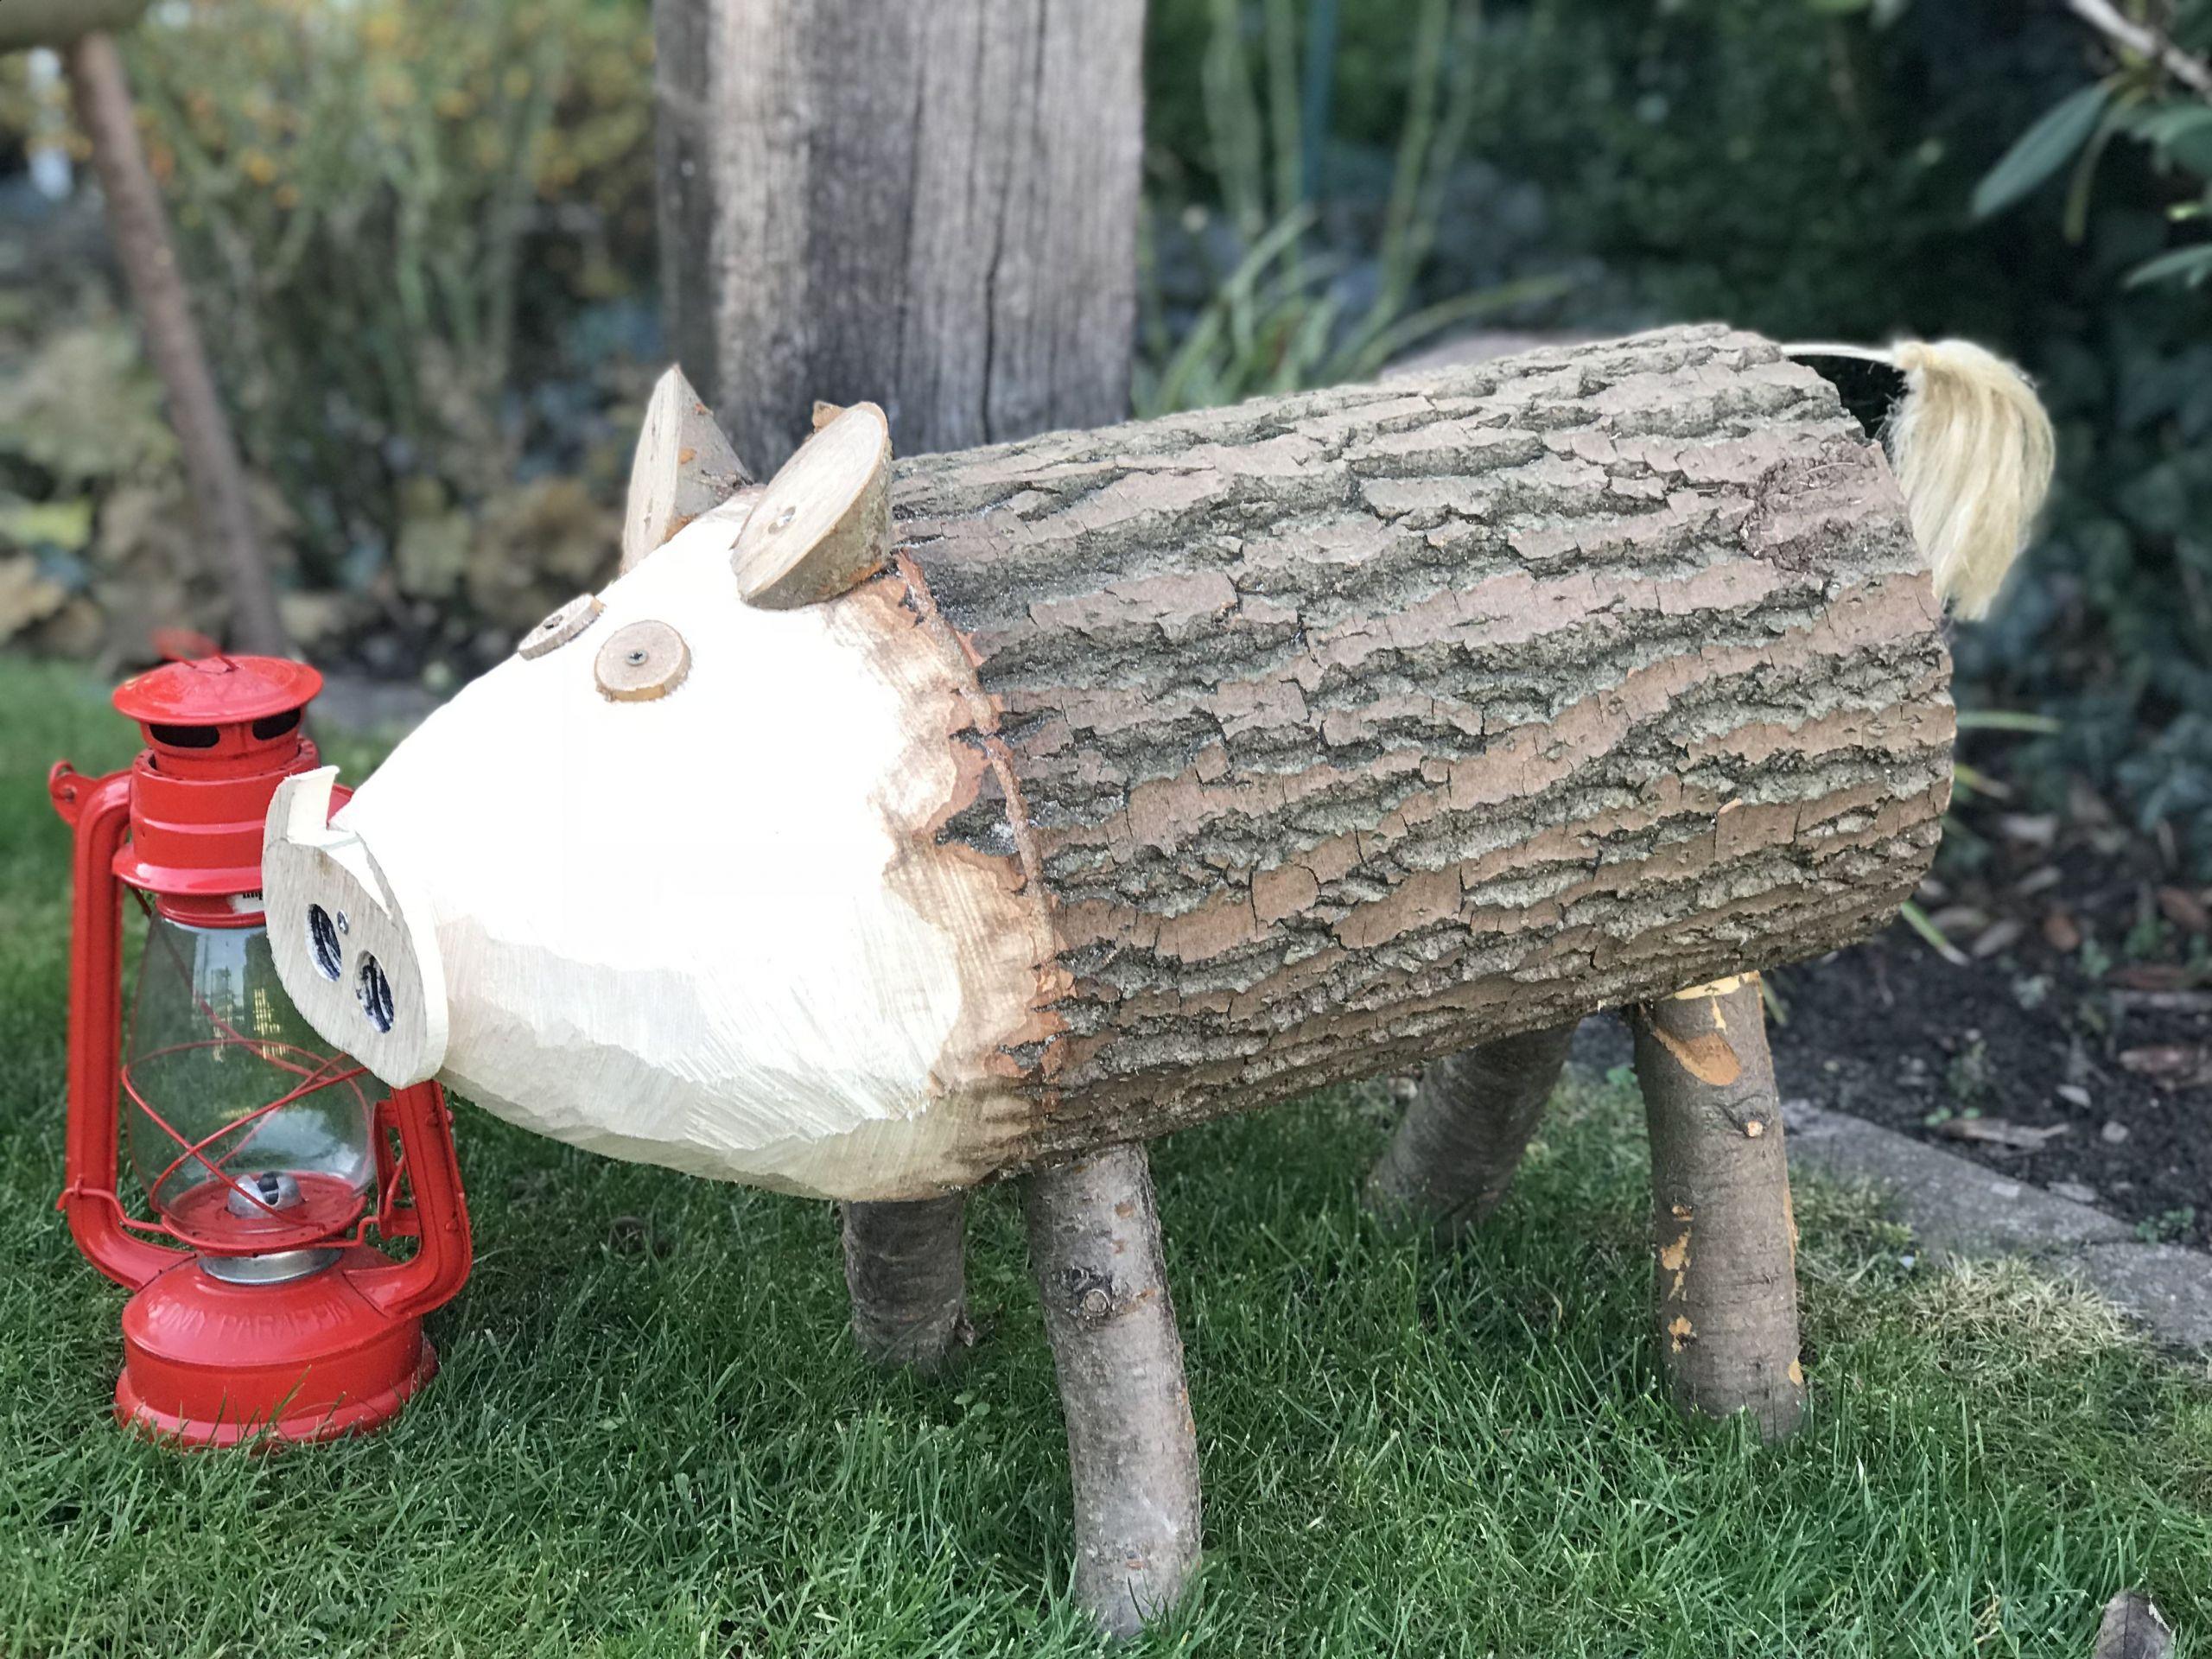 garten ideen selber bauen mit tier aus holz selbst bauen gartendeko schwein gartenideen 59 und tier aus holz selbst bauen gartendeko schwein gartenideen tiere selber machen mit garten ideen selber bau